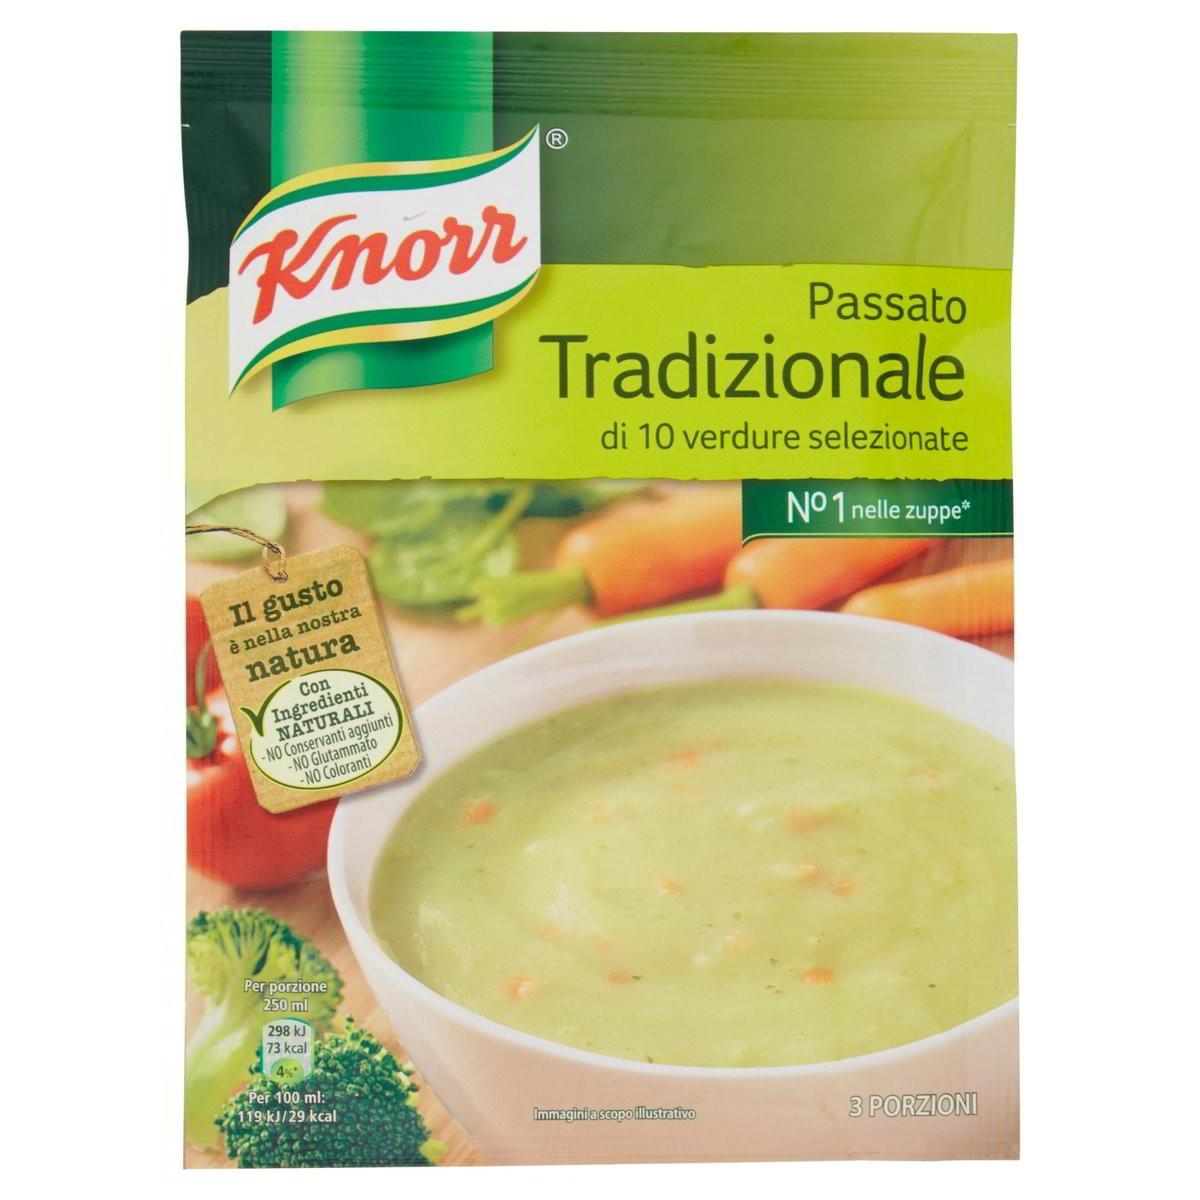 Knorr Passato Tradizionale